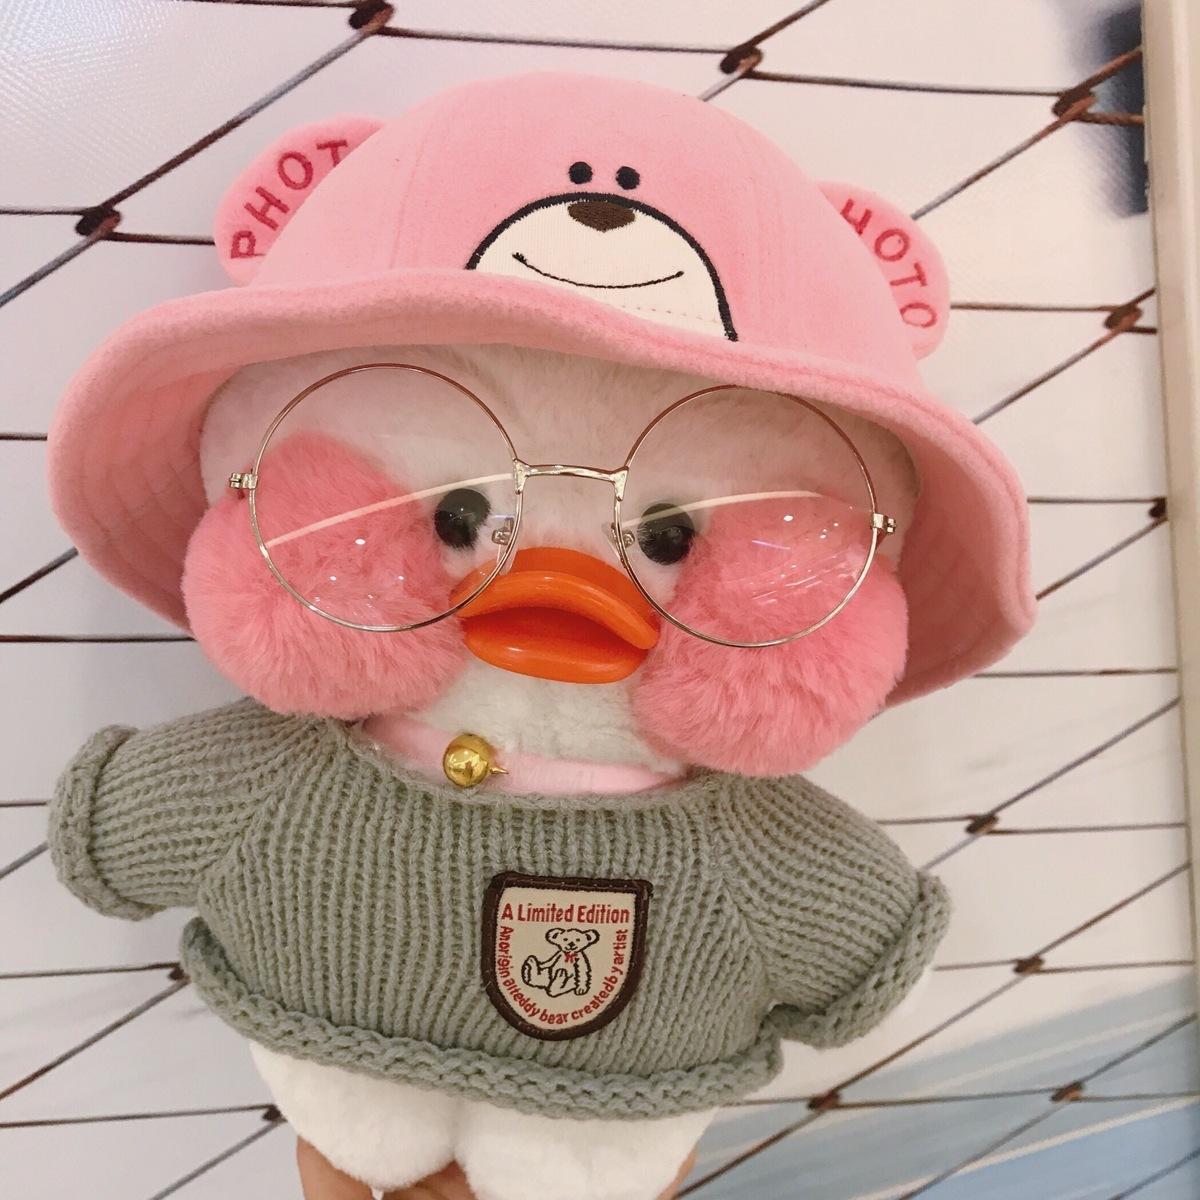 网红小黄鸭玻尿酸鸭公仔少女心娃娃生日礼物女生女孩毛绒玩具玩偶